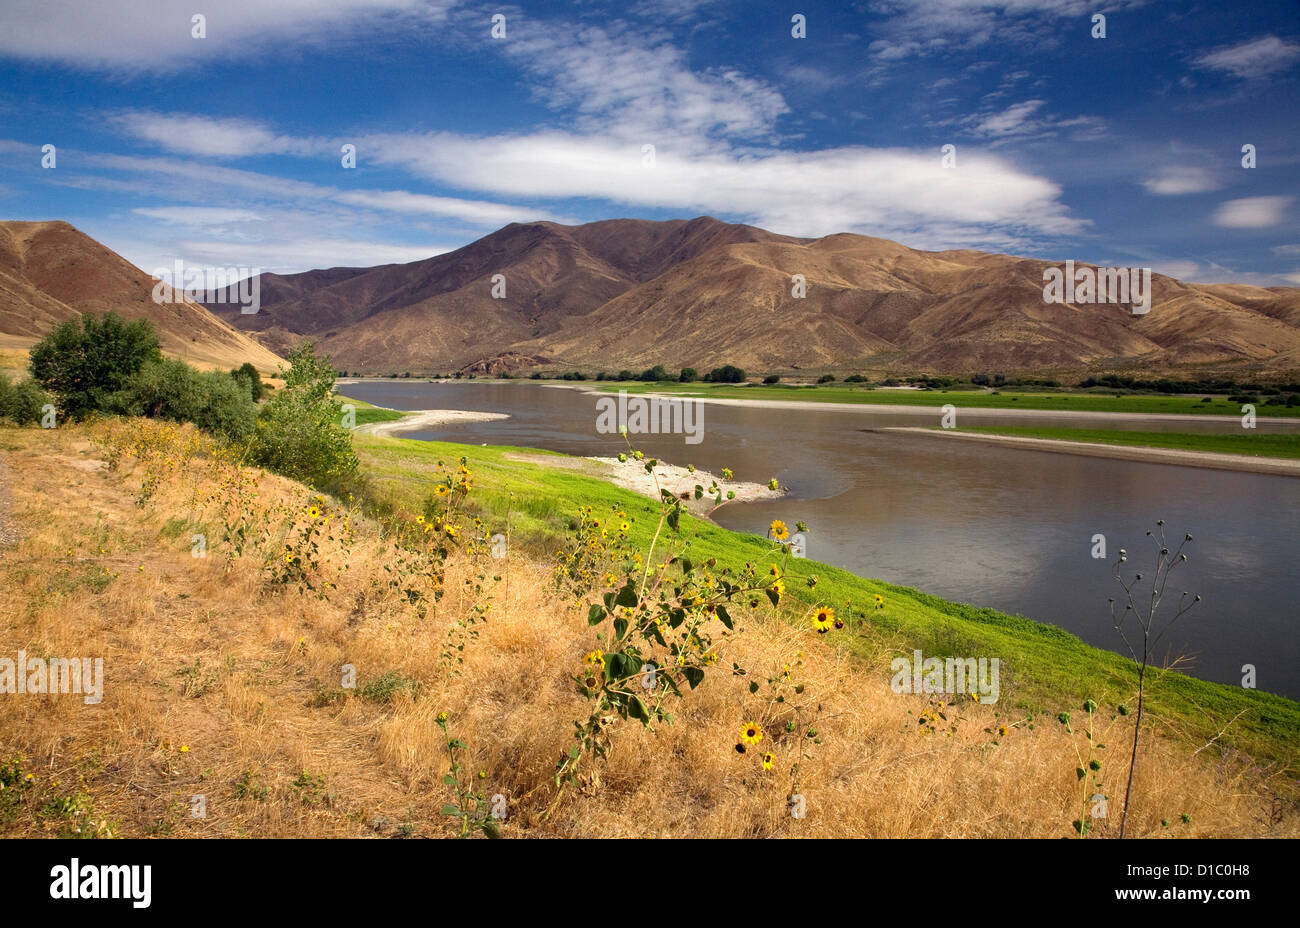 O00846-00...Oregon - El Río Snake de Farewell Bend State Park. Imagen De Stock